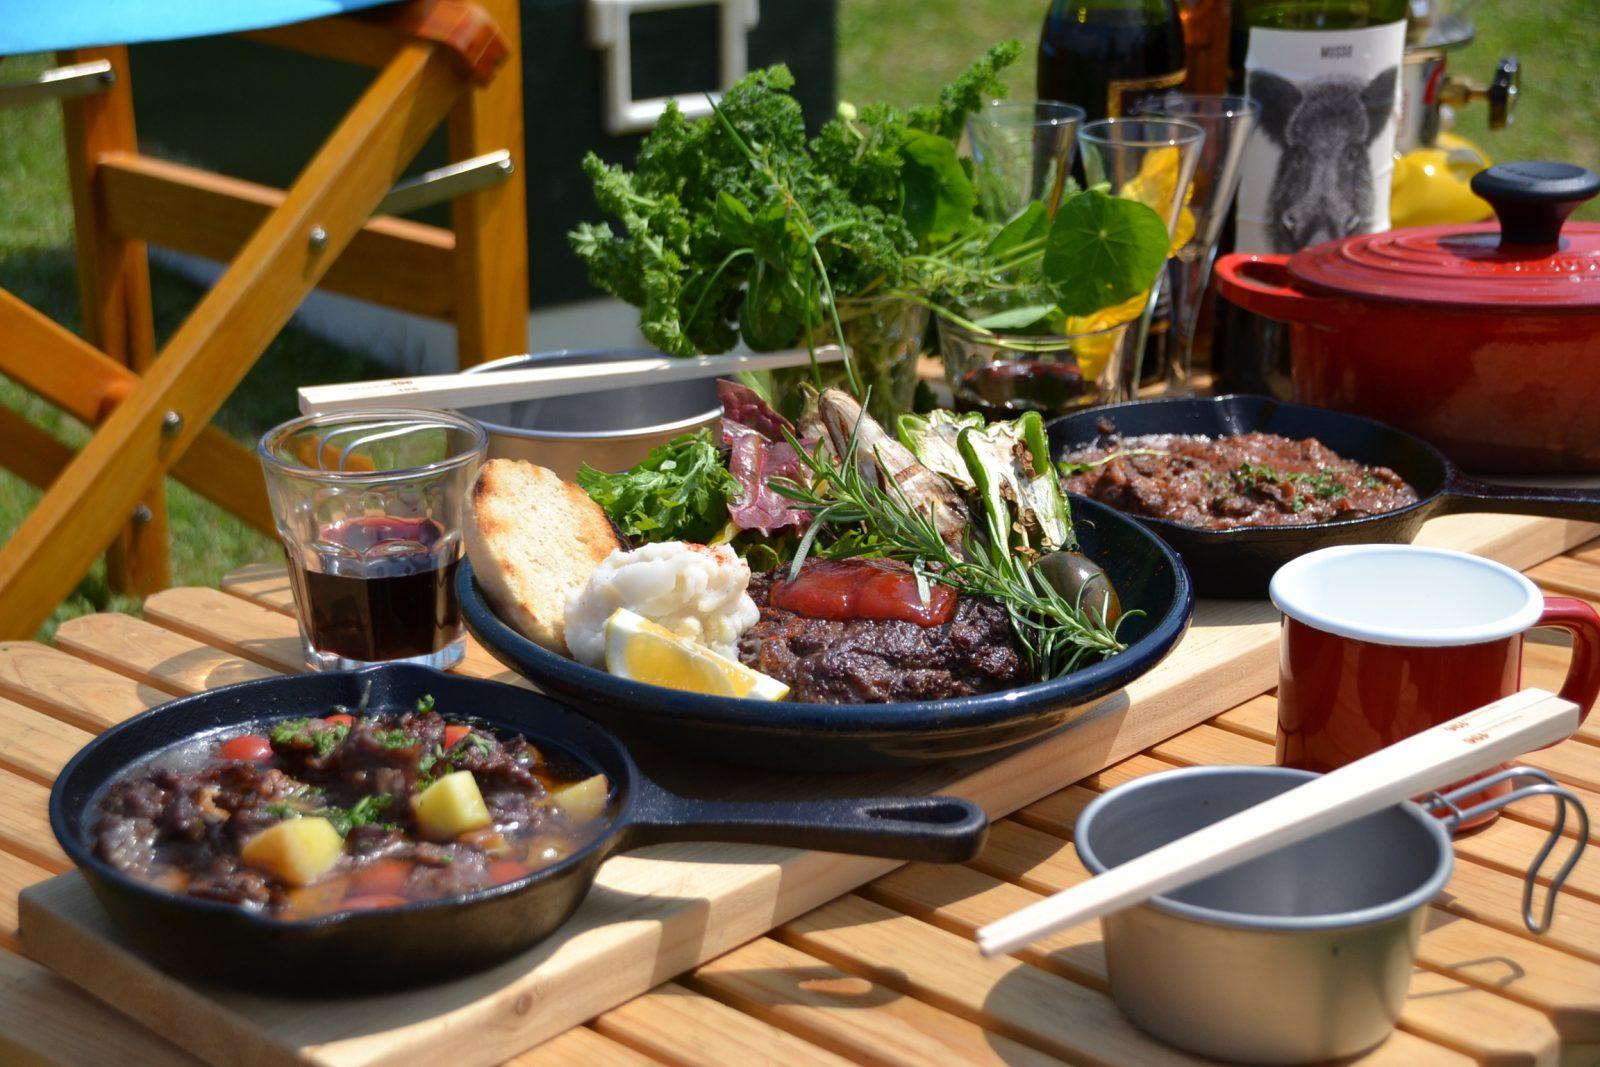 アウトドア キッチン スタジオ ロケ 料理 屋外 自然 景色 撮影